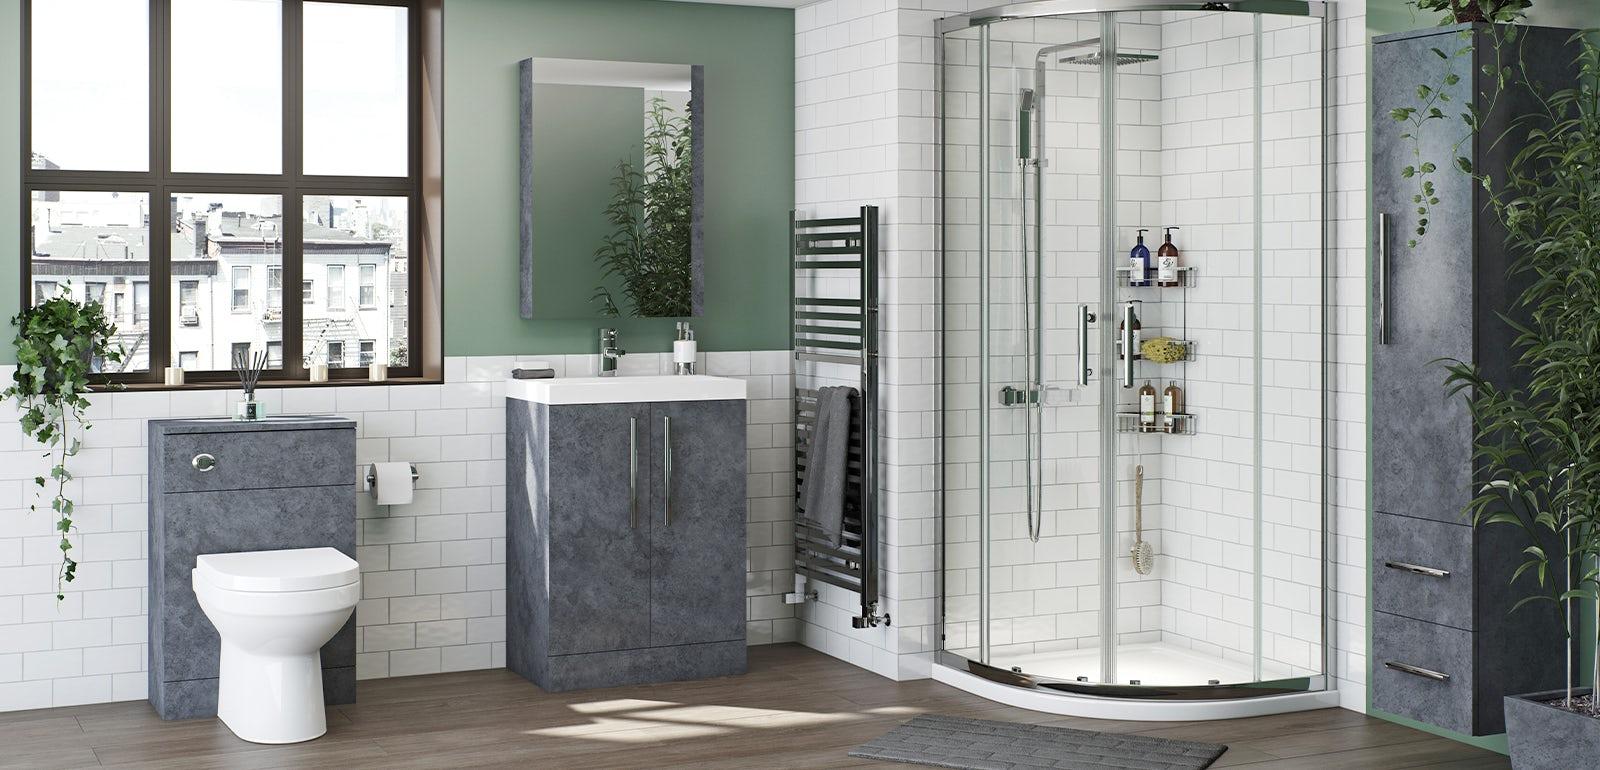 Kemp bathroom furniture